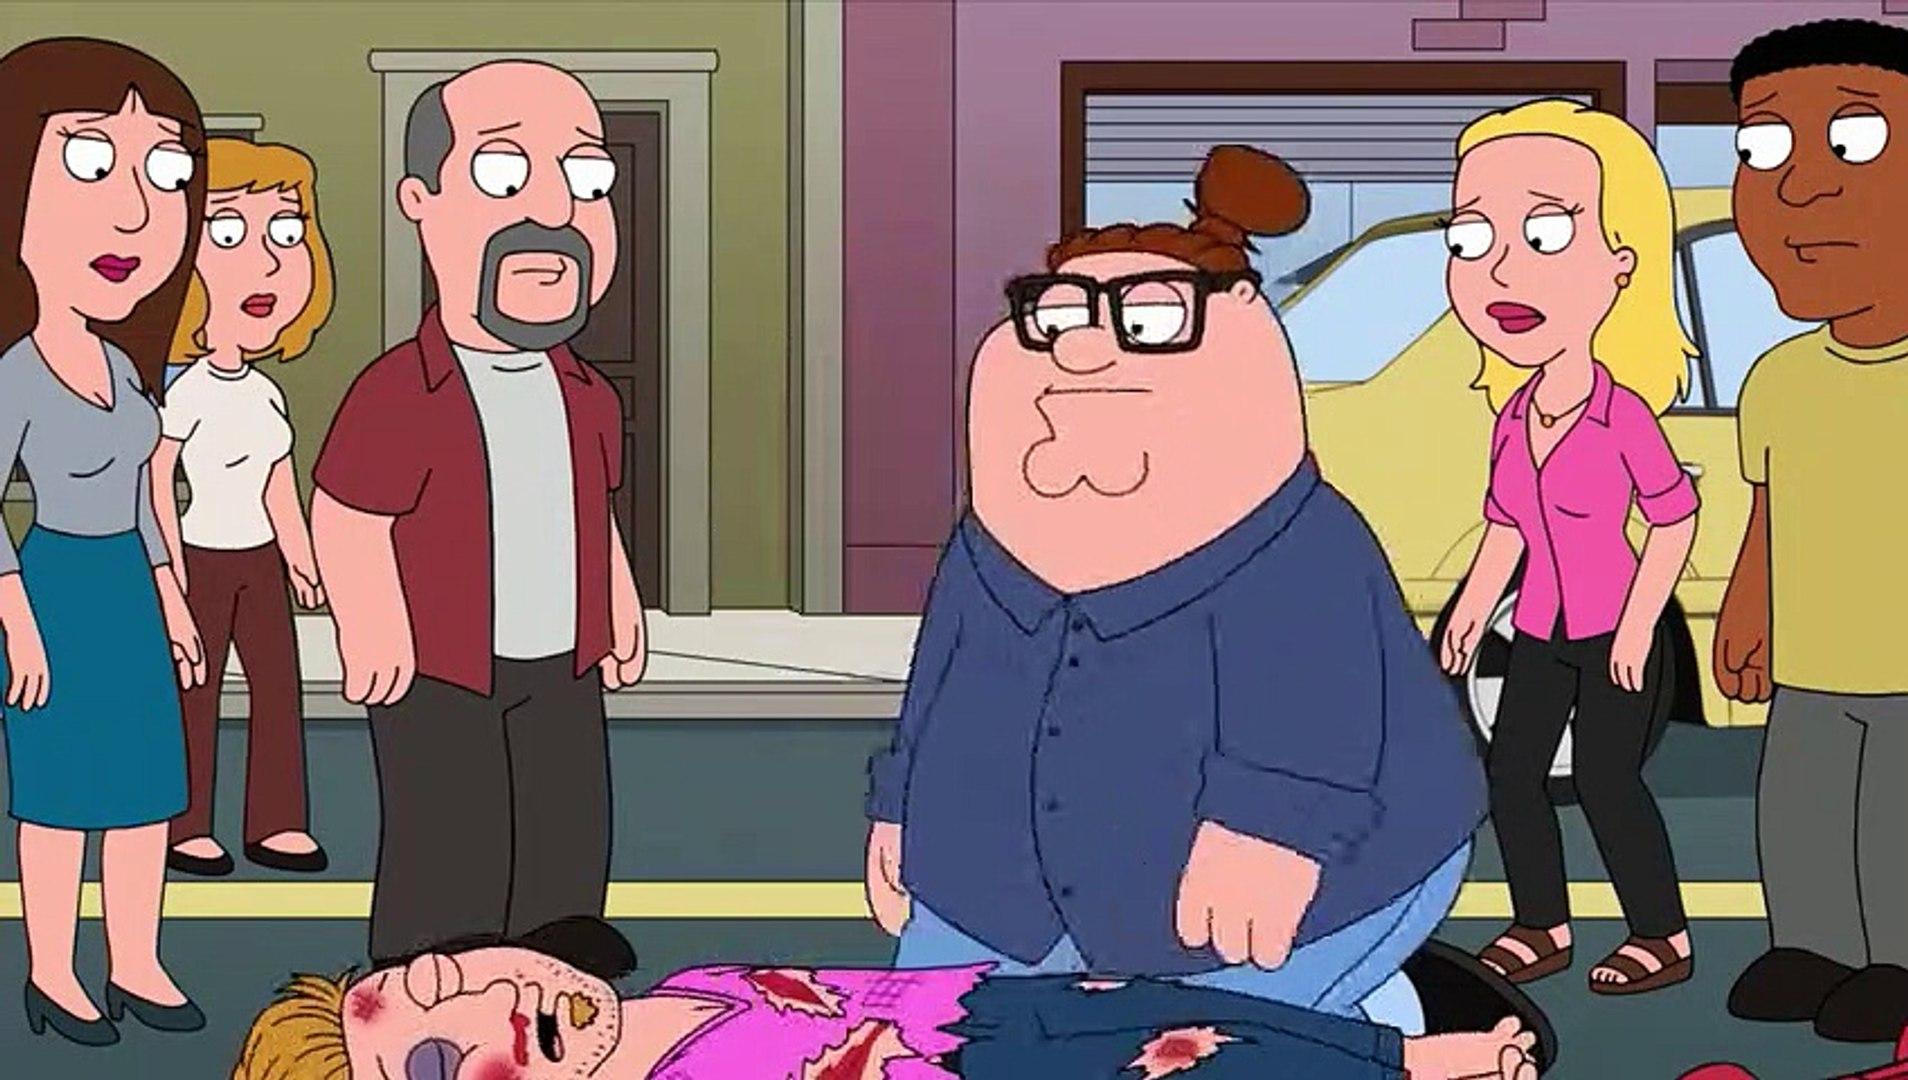 Family Guy S16 E18 - HTTPete    Family Guy Season 16 ep 18    Family Guy  S16E18    Family Guy 16X18    Family Guy S16 E18 May 6, 2018    Family Guy